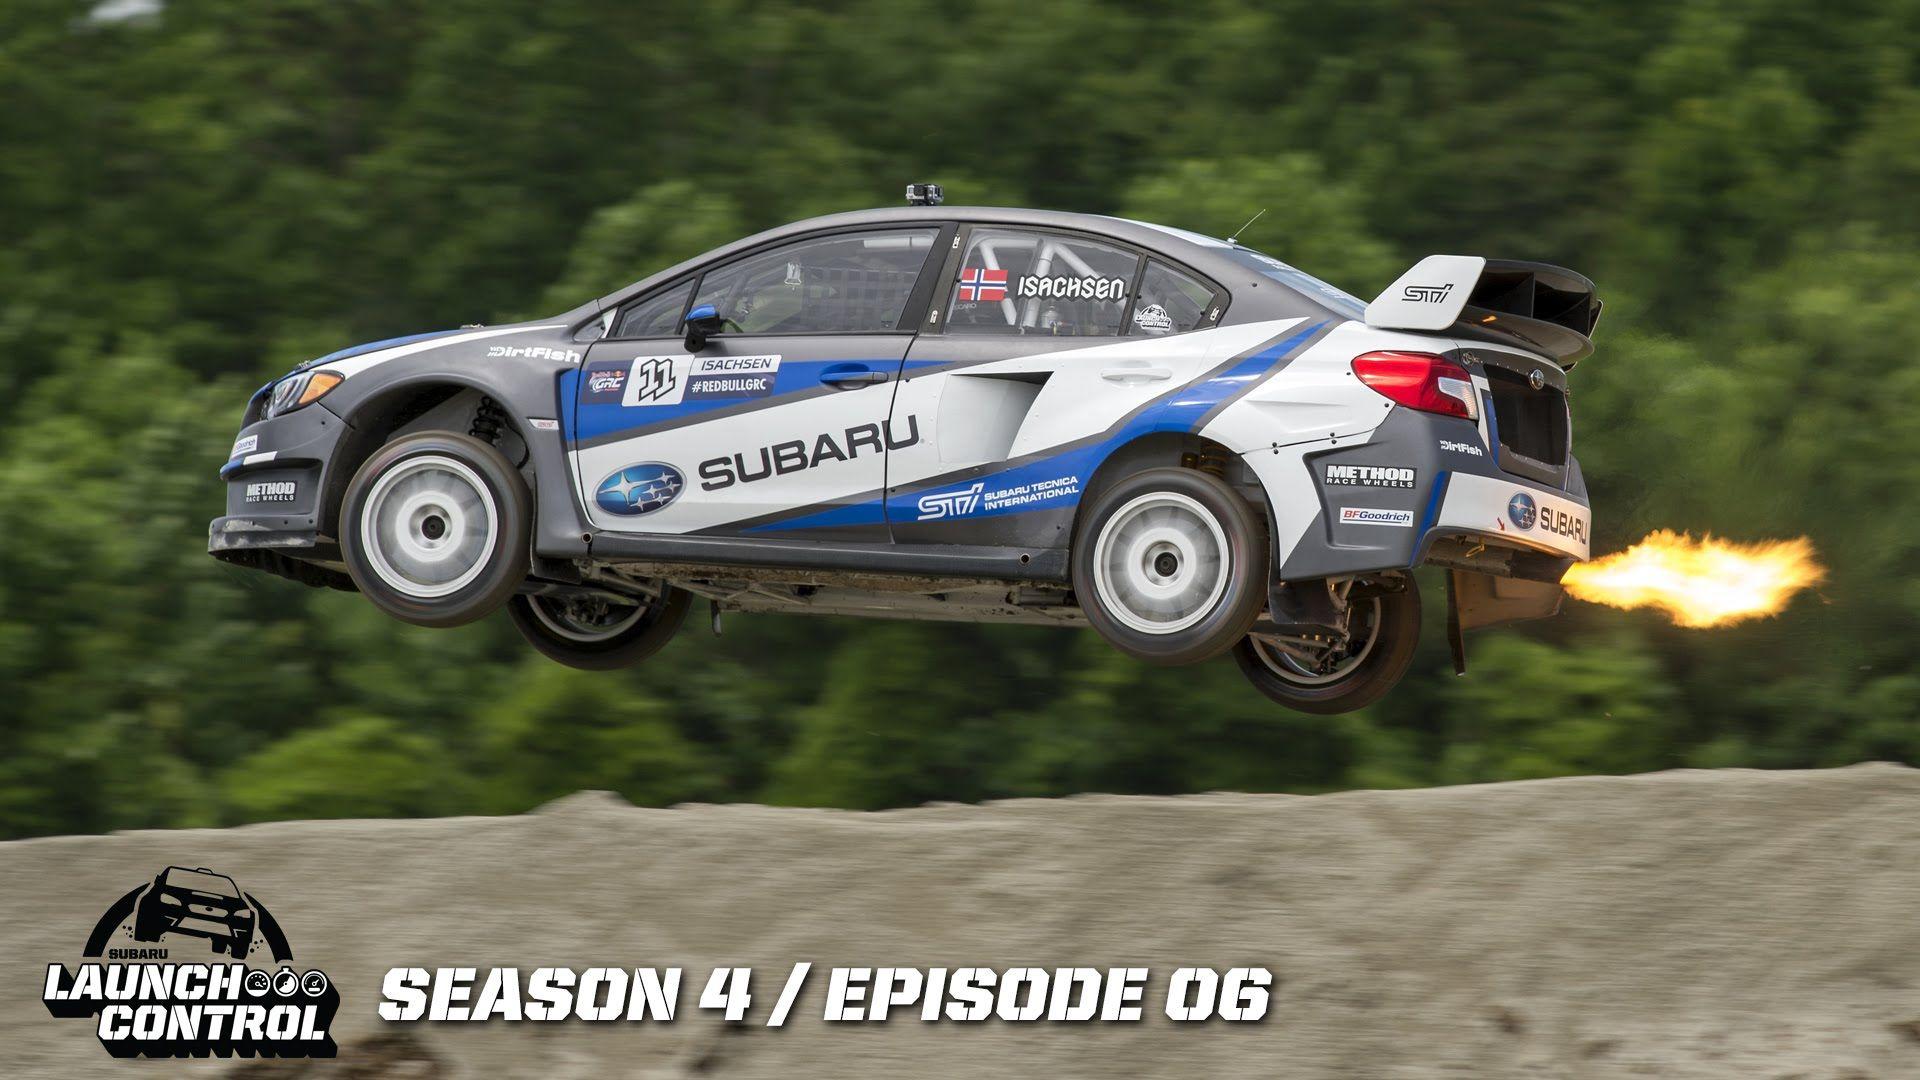 S 4 Ep 6 Subaru Rally Team USA returns to Red Bull Global